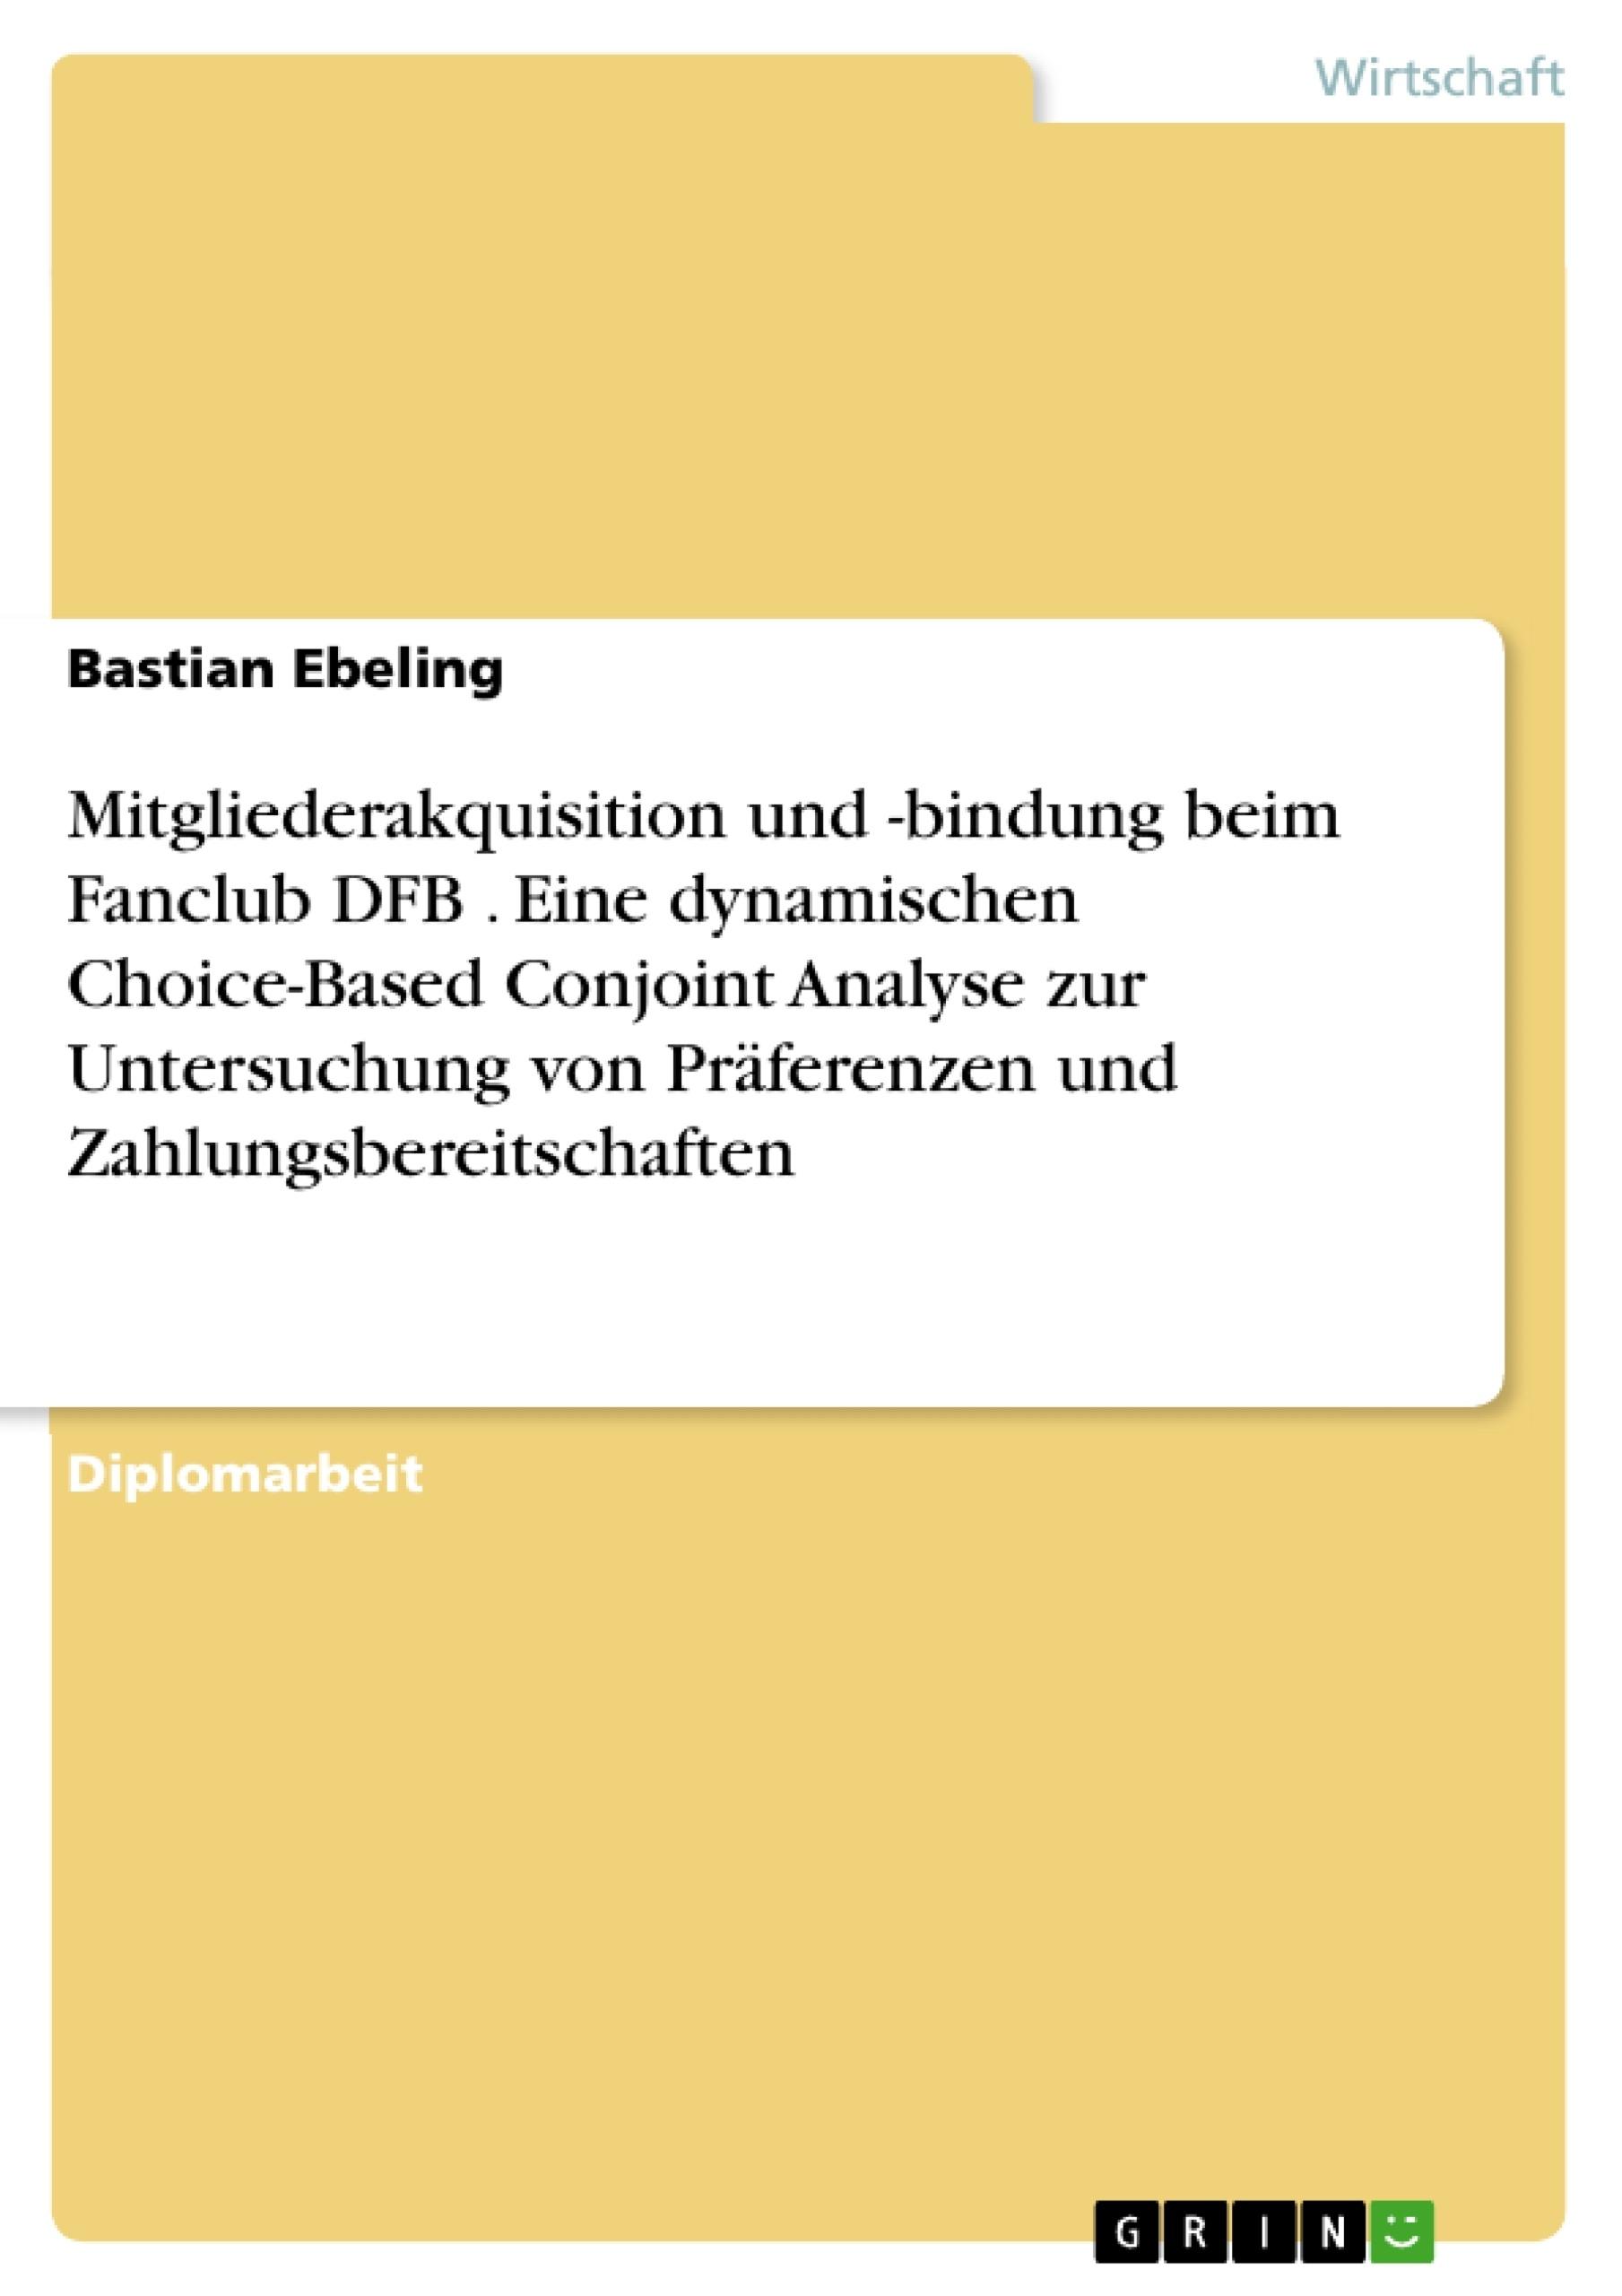 Titel: Mitgliederakquisition und -bindung beim Fanclub DFB . Eine dynamischen Choice-Based Conjoint Analyse zur Untersuchung von Präferenzen und Zahlungsbereitschaften